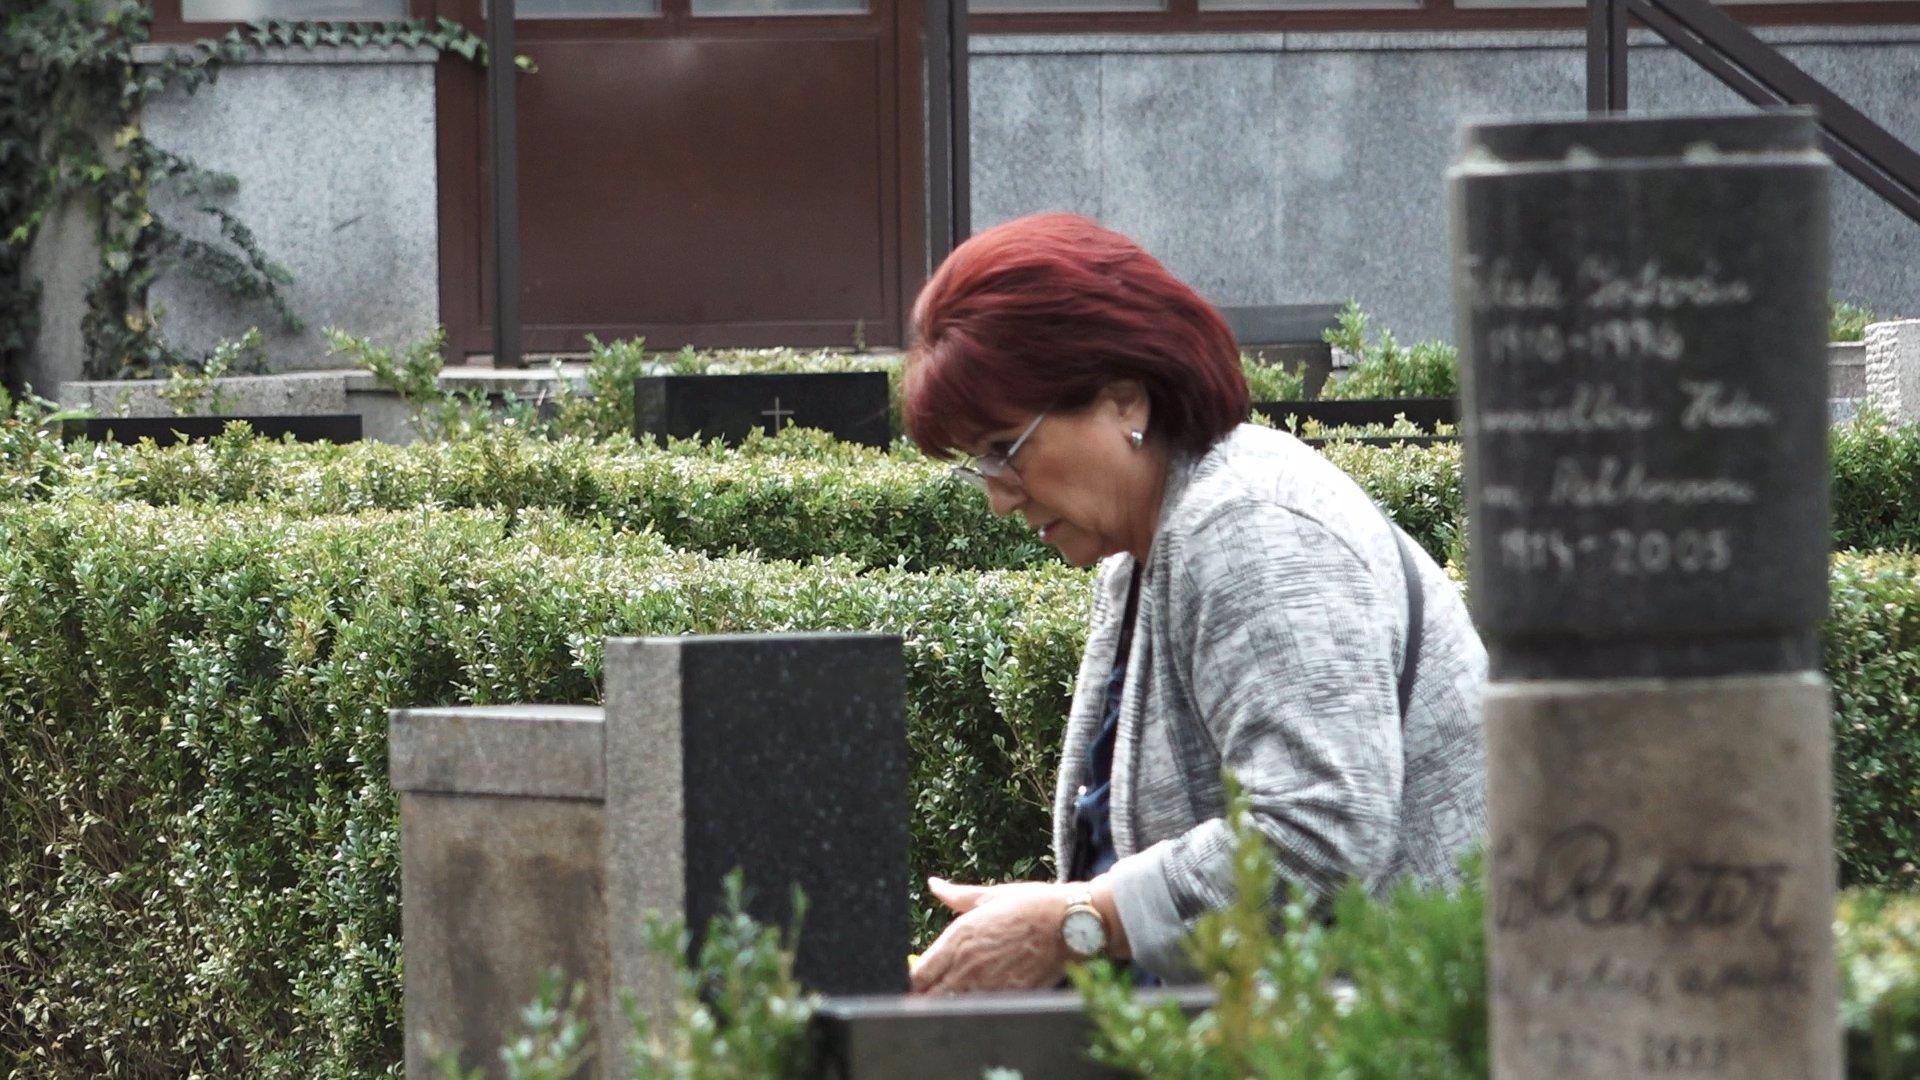 Na Václava Postráneckého nezapomíná: Vdova Helena donesla na hrob květiny